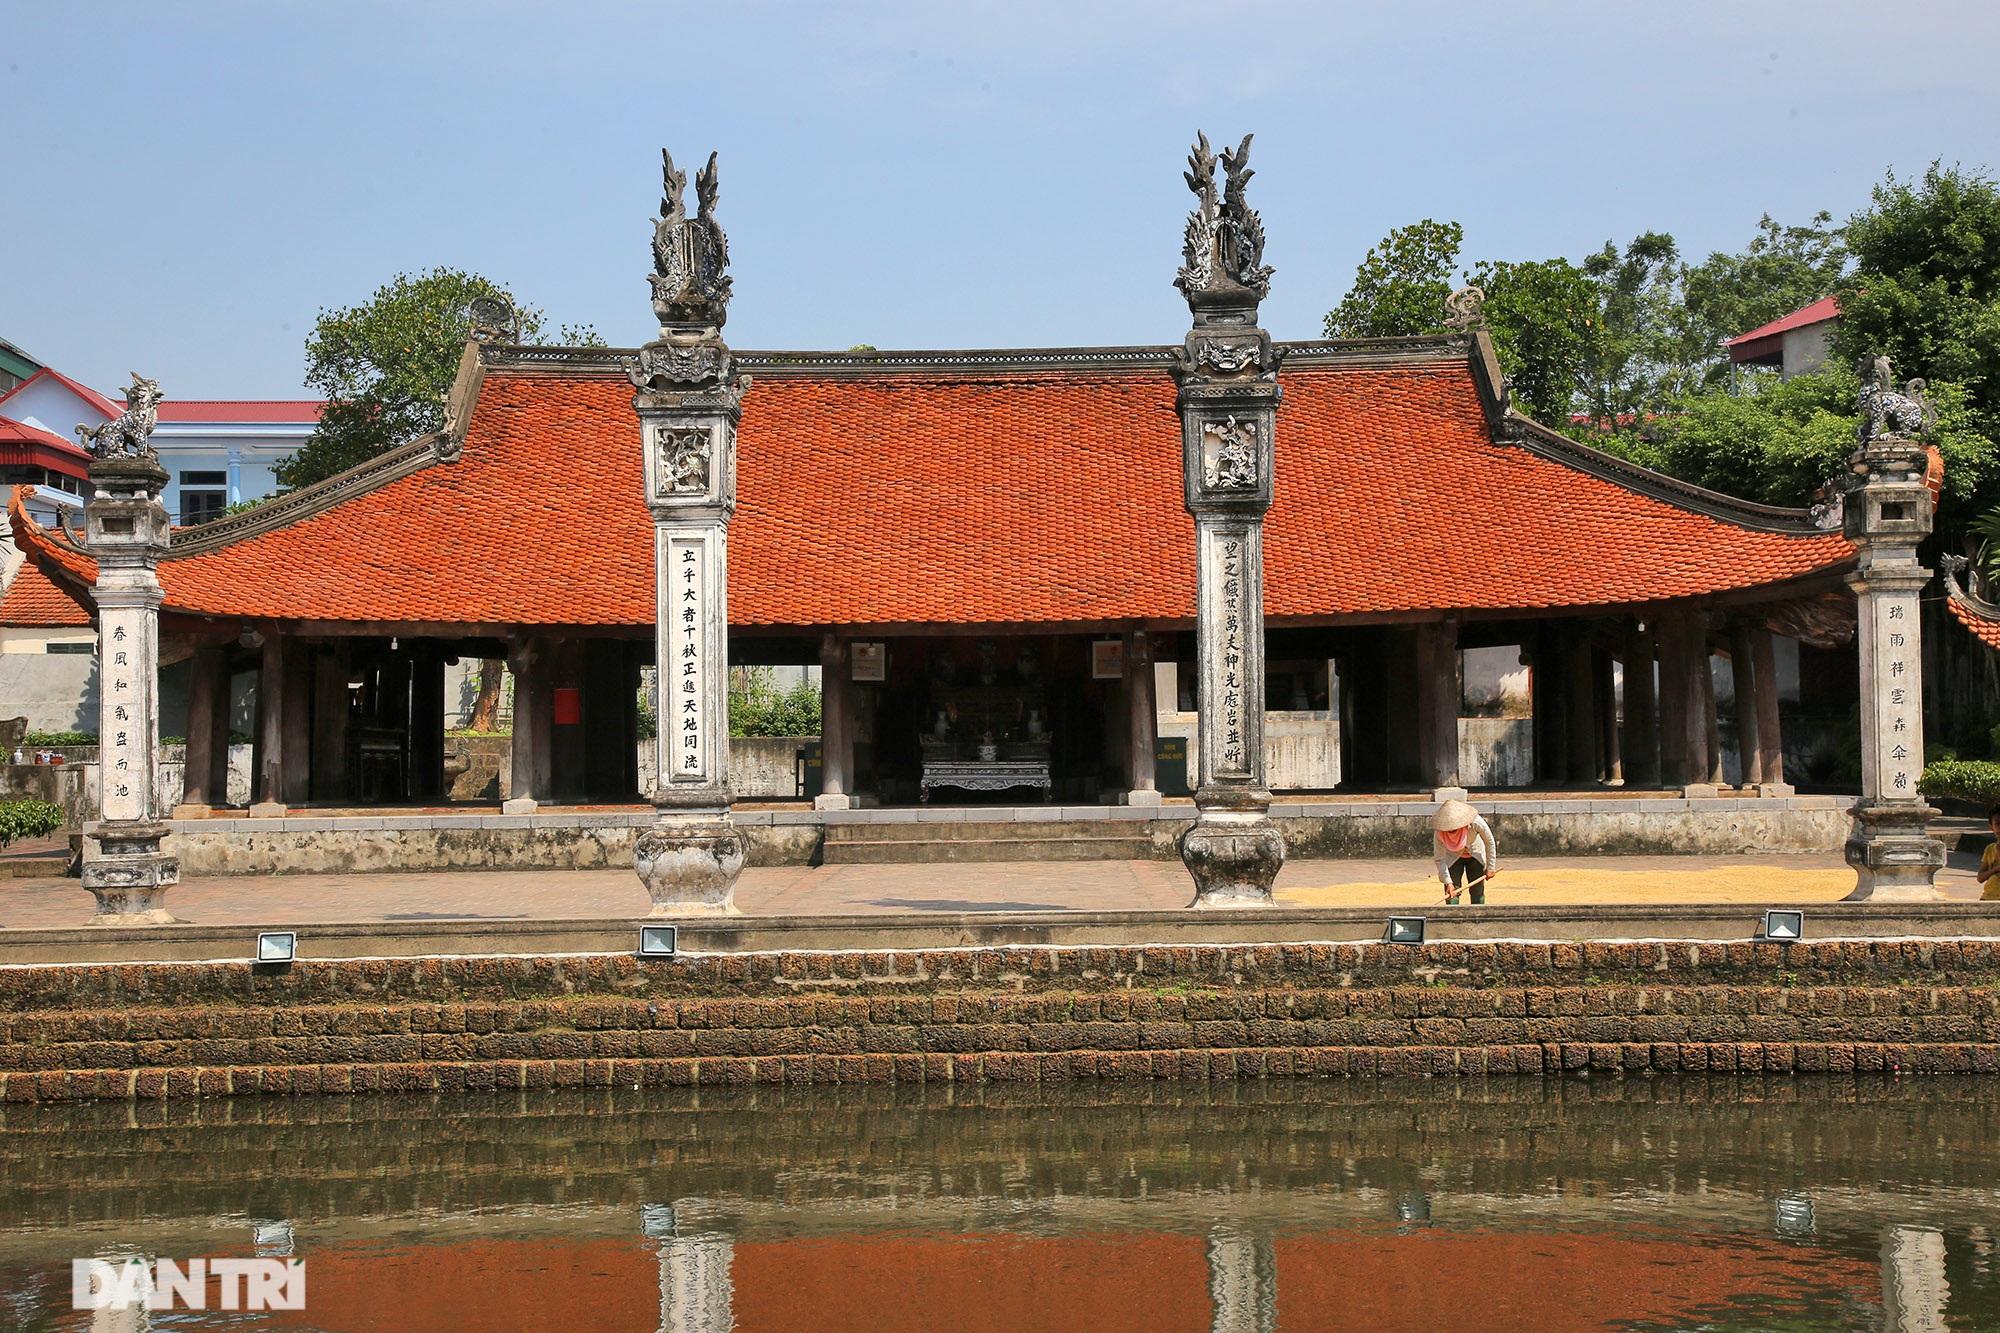 Chiêm ngưỡng tuyệt tác chạm khắc hơn 400 năm tuổi tại Hà Nội - 16